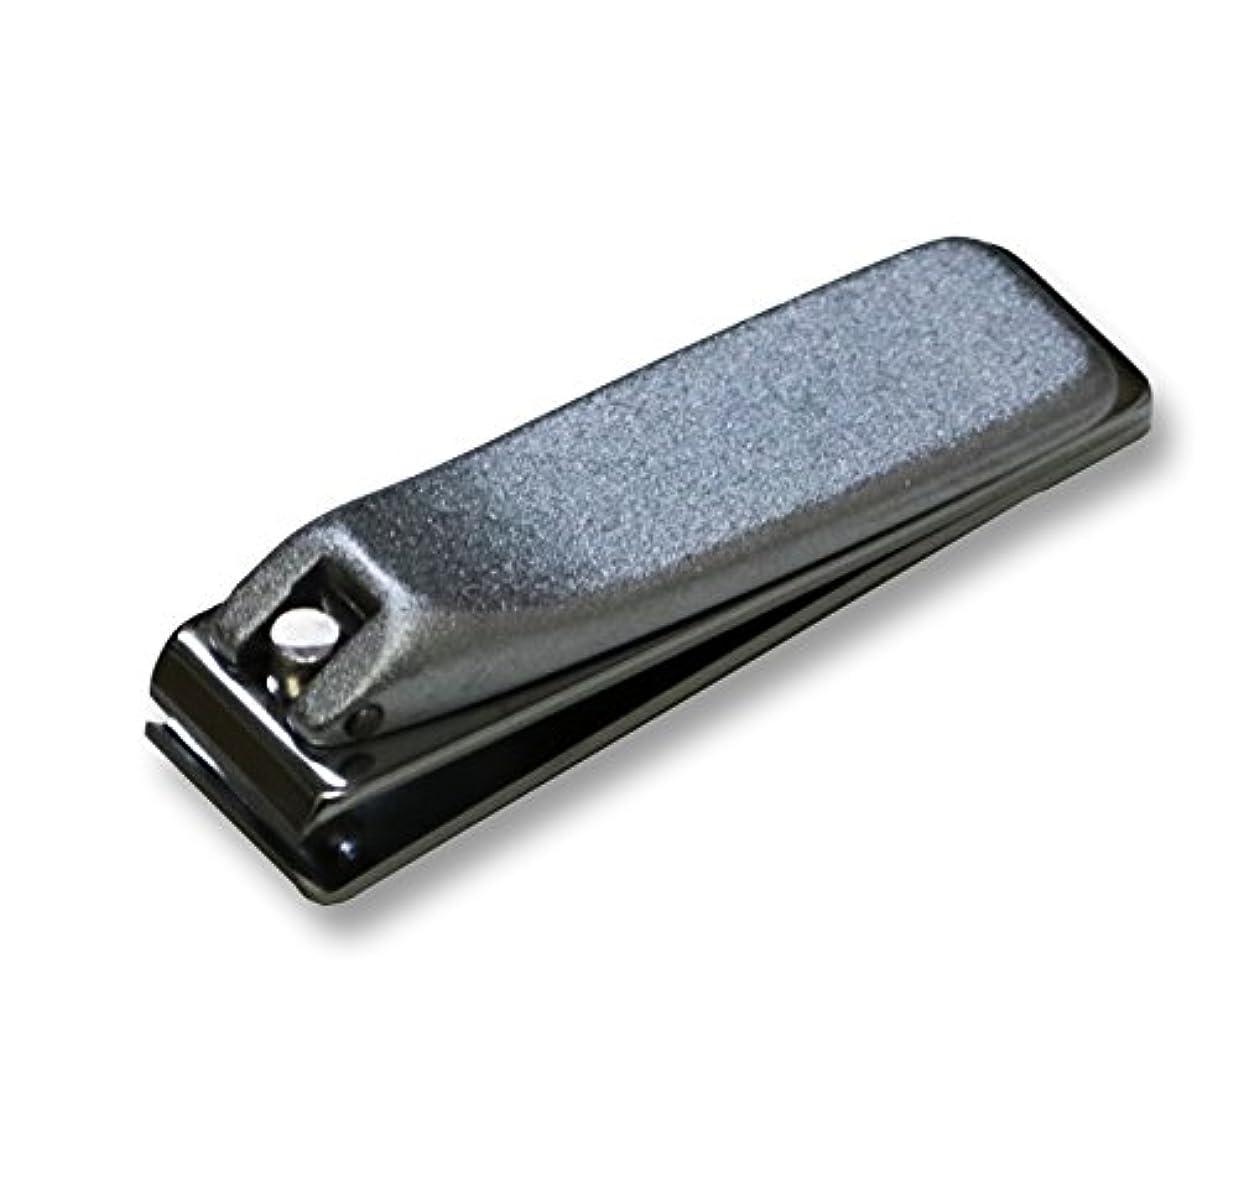 石化する練習した反発するKD-035 関の刃物 クローム爪切 直刃 小 カバー無